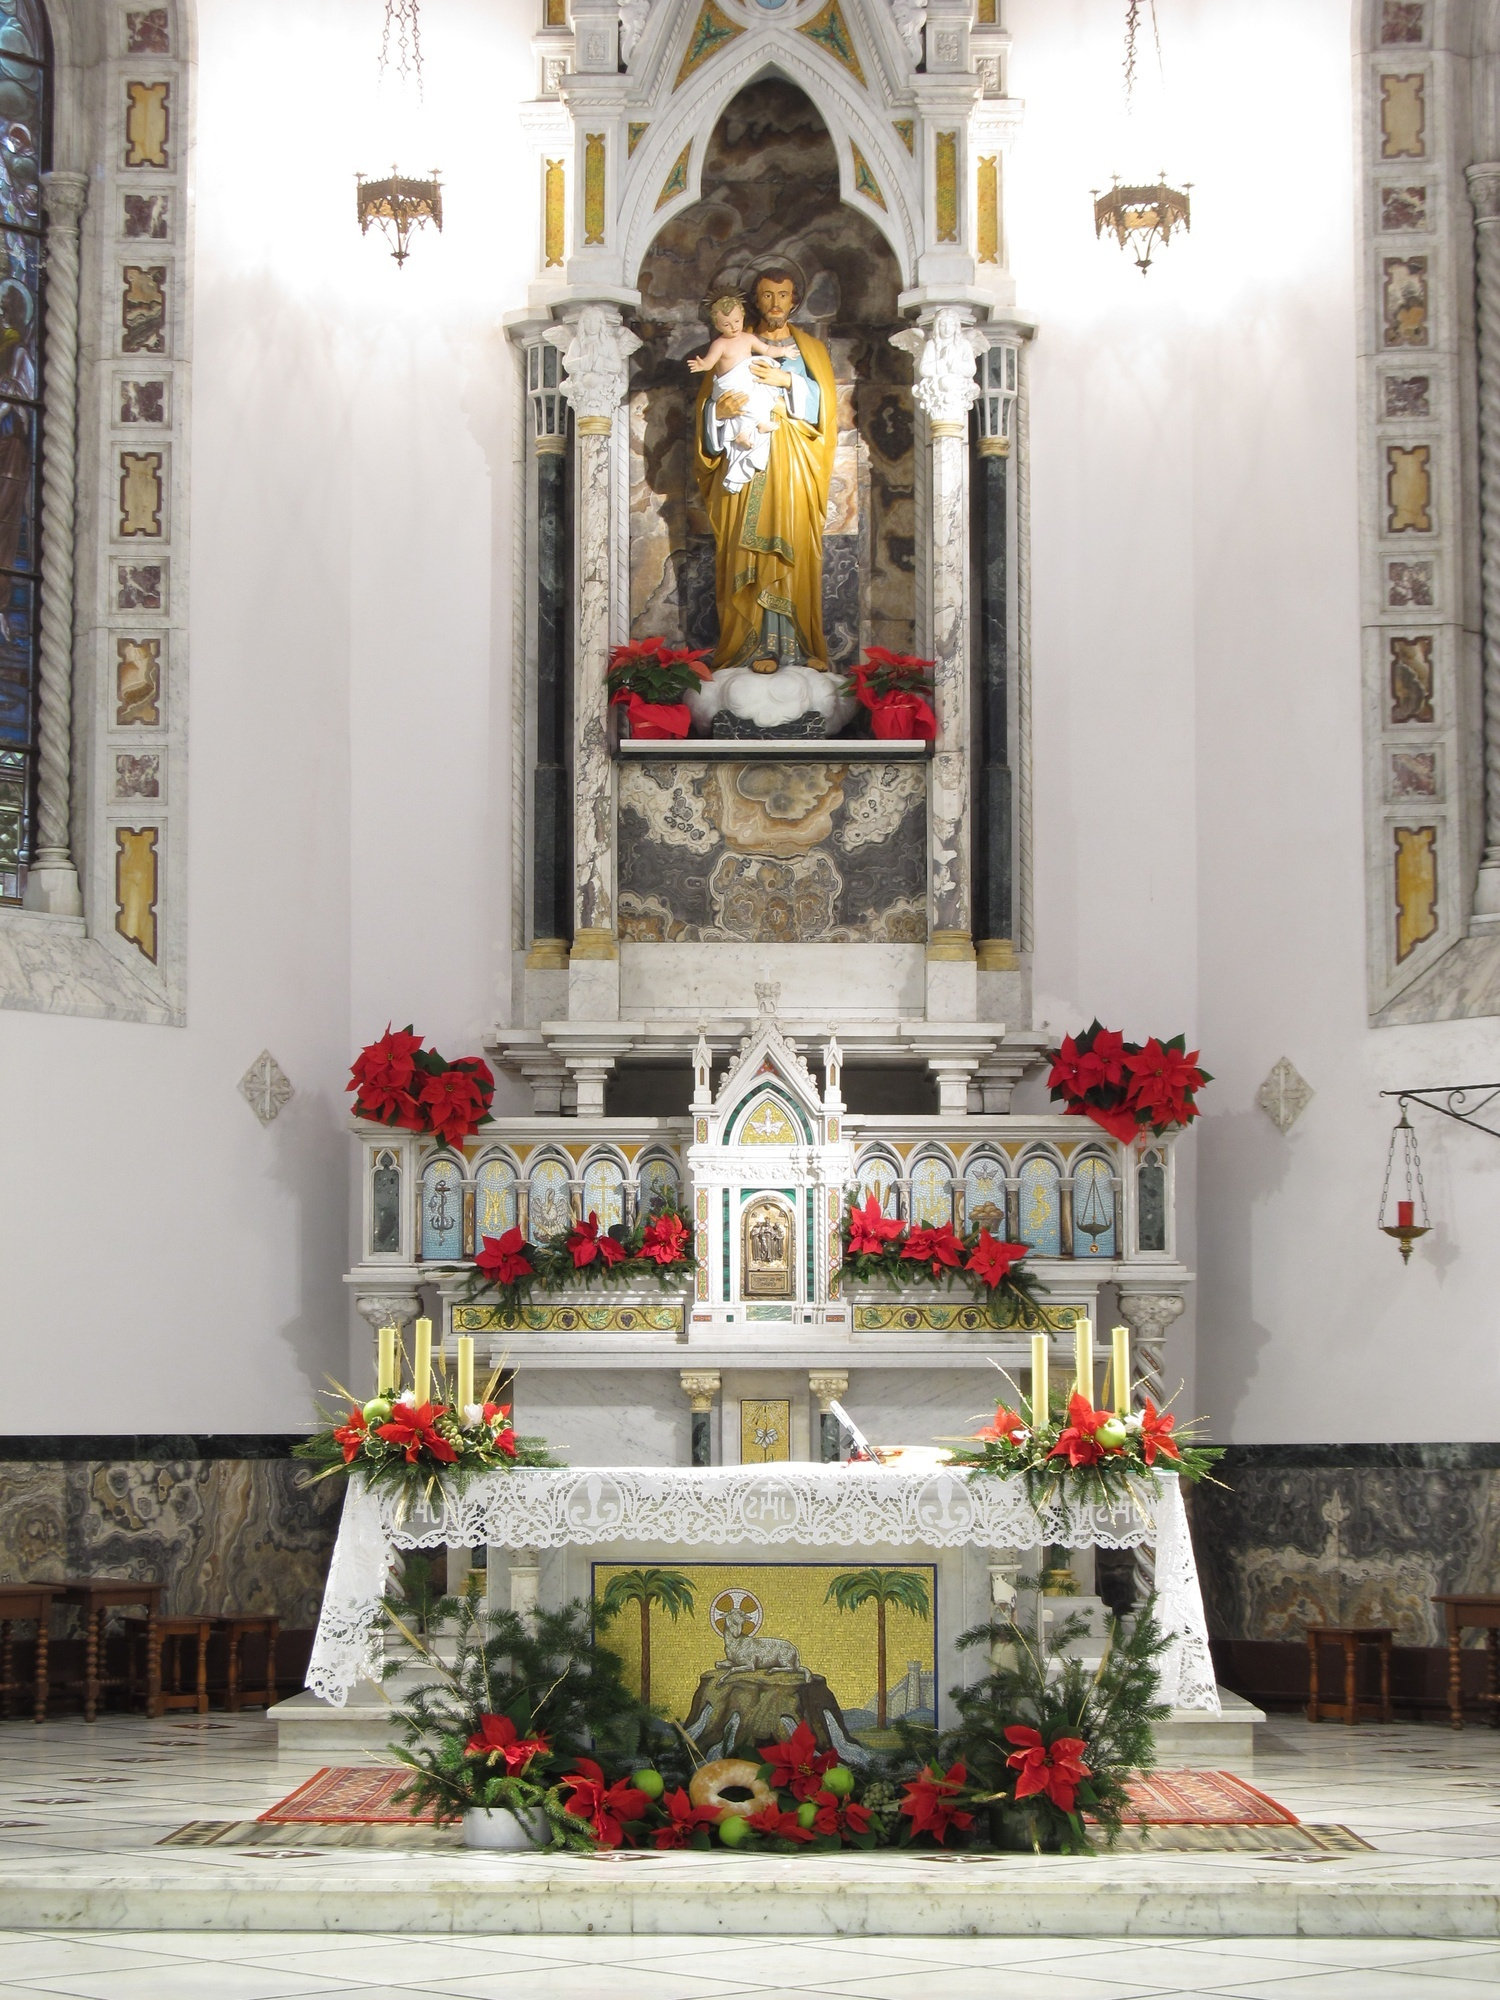 chiesa-natale-2015-12-24-15-05-07